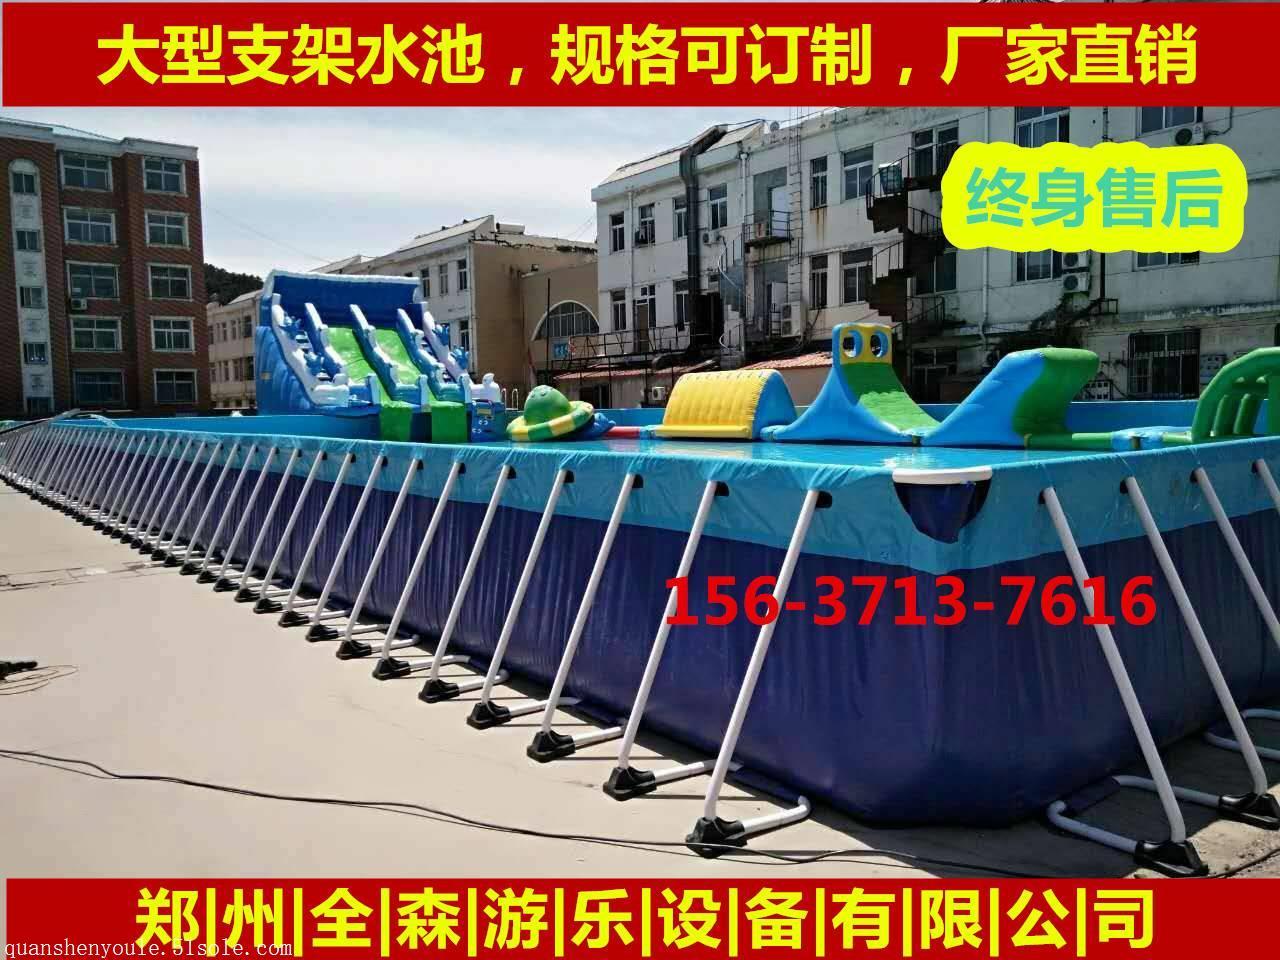 夏季户外大型支架游泳池水上戏水闯关玩具/水滑梯游泳池订制